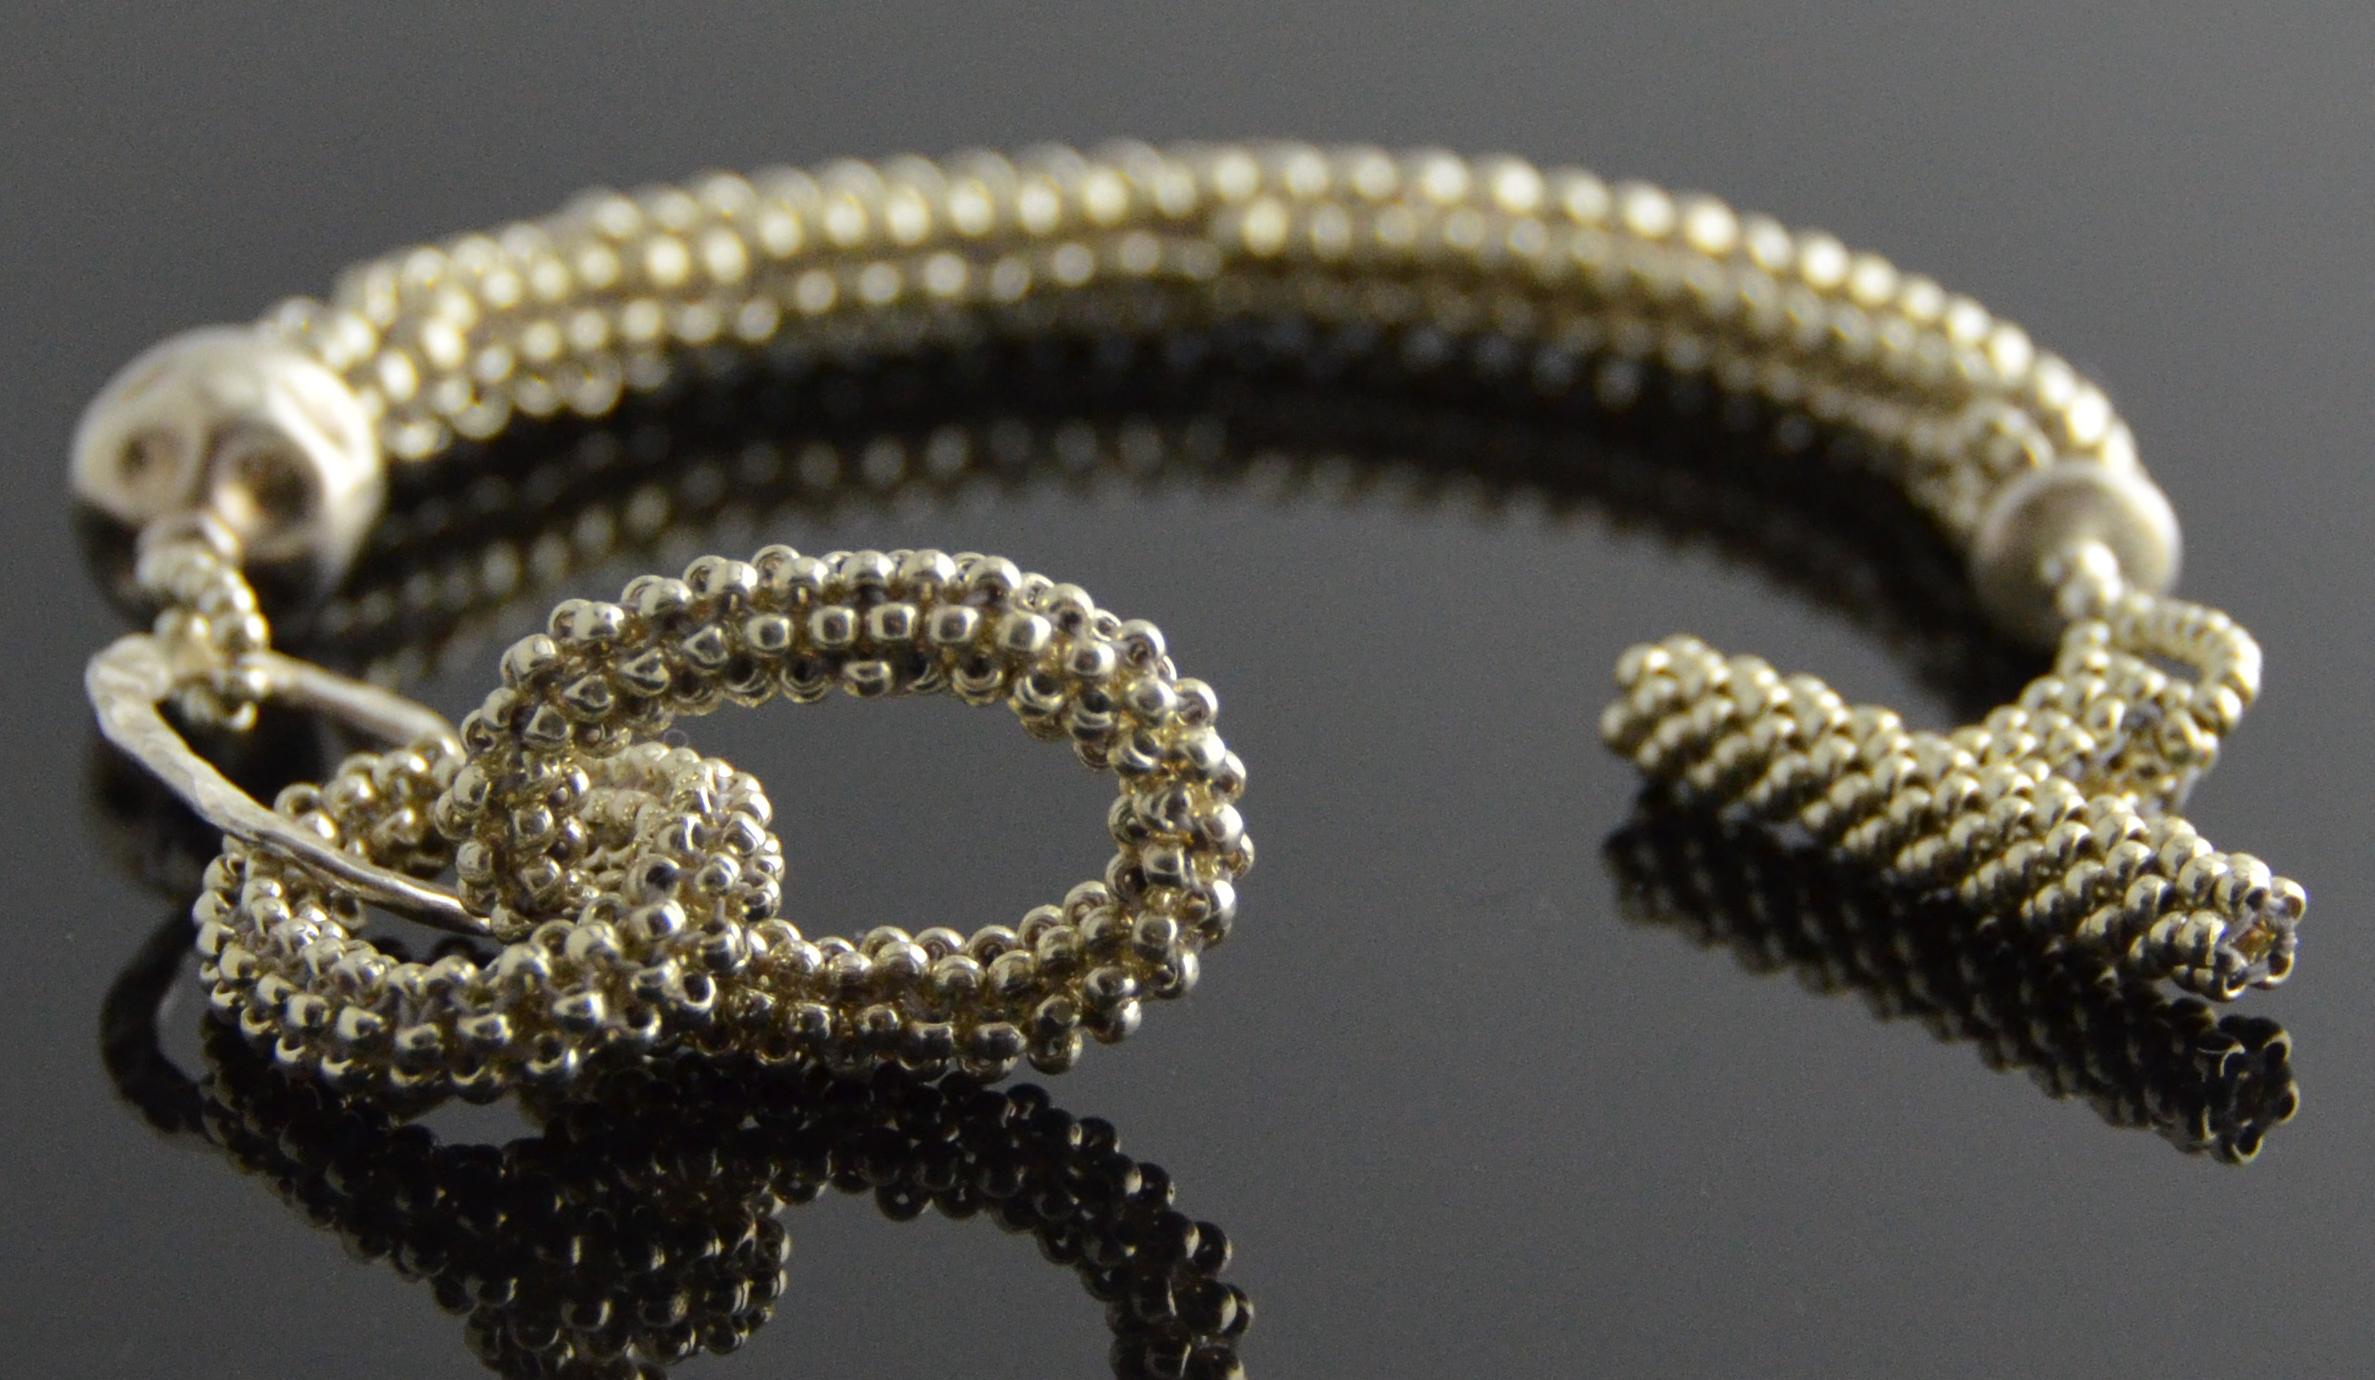 broadie,f_shimmering links bracelet1